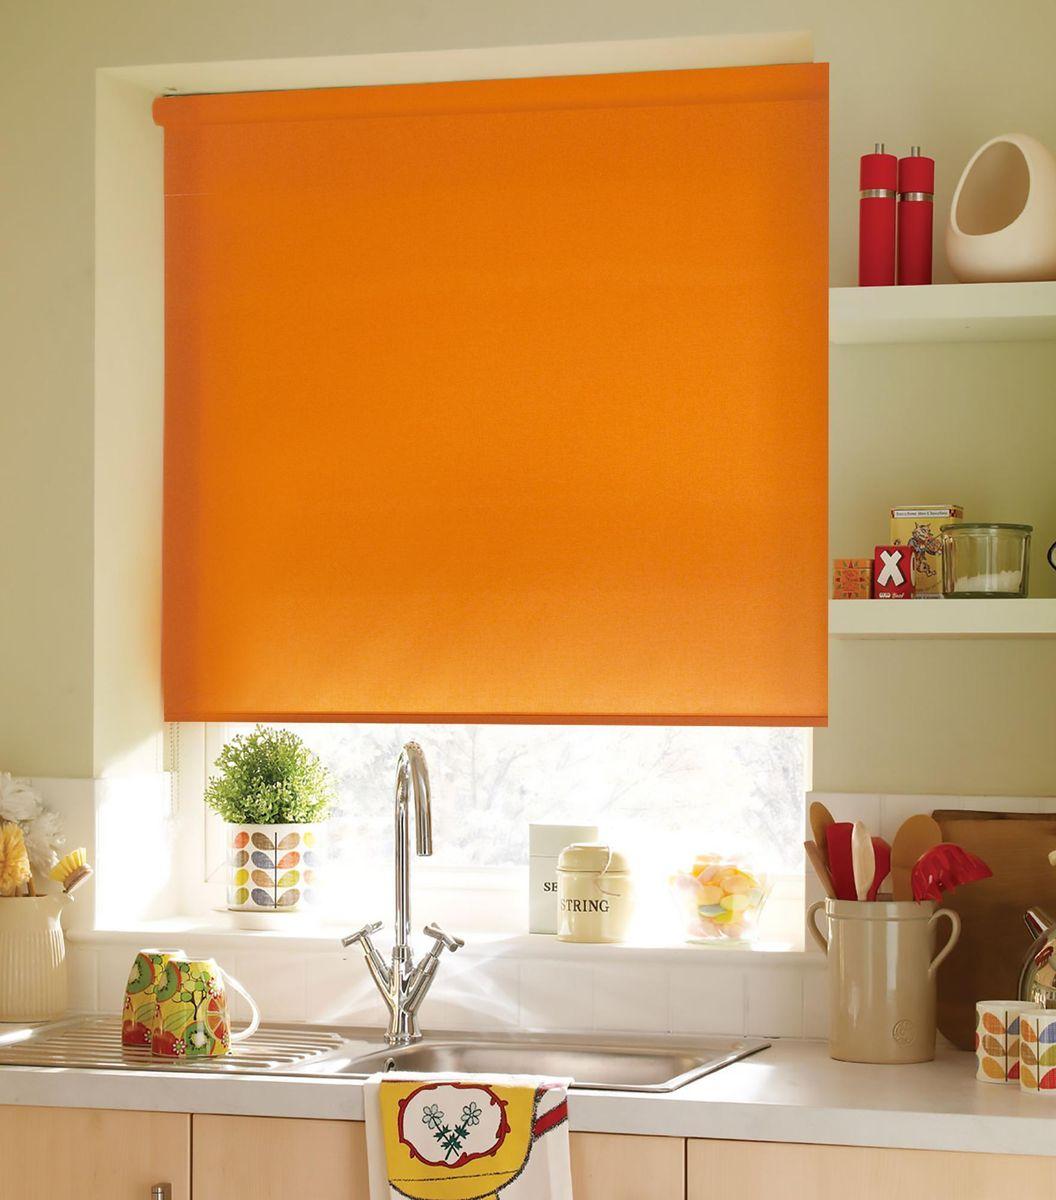 Штора рулонная Эскар, цвет: апельсиновый, ширина 130 см, высота 170 см81203130170Рулонными шторами можно оформлять окна как самостоятельно, так и использовать в комбинации с портьерами. Это поможет предотвратить выгорание дорогой ткани на солнце и соединит функционал рулонных с красотой навесных. Преимущества применения рулонных штор для пластиковых окон: - имеют прекрасный внешний вид: многообразие и фактурность материала изделия отлично смотрятся в любом интерьере; - многофункциональны: есть возможность подобрать шторы способные эффективно защитить комнату от солнца, при этом о на не будет слишком темной. - Есть возможность осуществить быстрый монтаж. ВНИМАНИЕ! Размеры ширины изделия указаны по ширине ткани! Во время эксплуатации не рекомендуется полностью разматывать рулон, чтобы не оторвать ткань от намоточного вала. В случае загрязнения поверхности ткани, чистку шторы проводят одним из способов, в зависимости от типа загрязнения: легкое поверхностное загрязнение можно удалить при помощи...